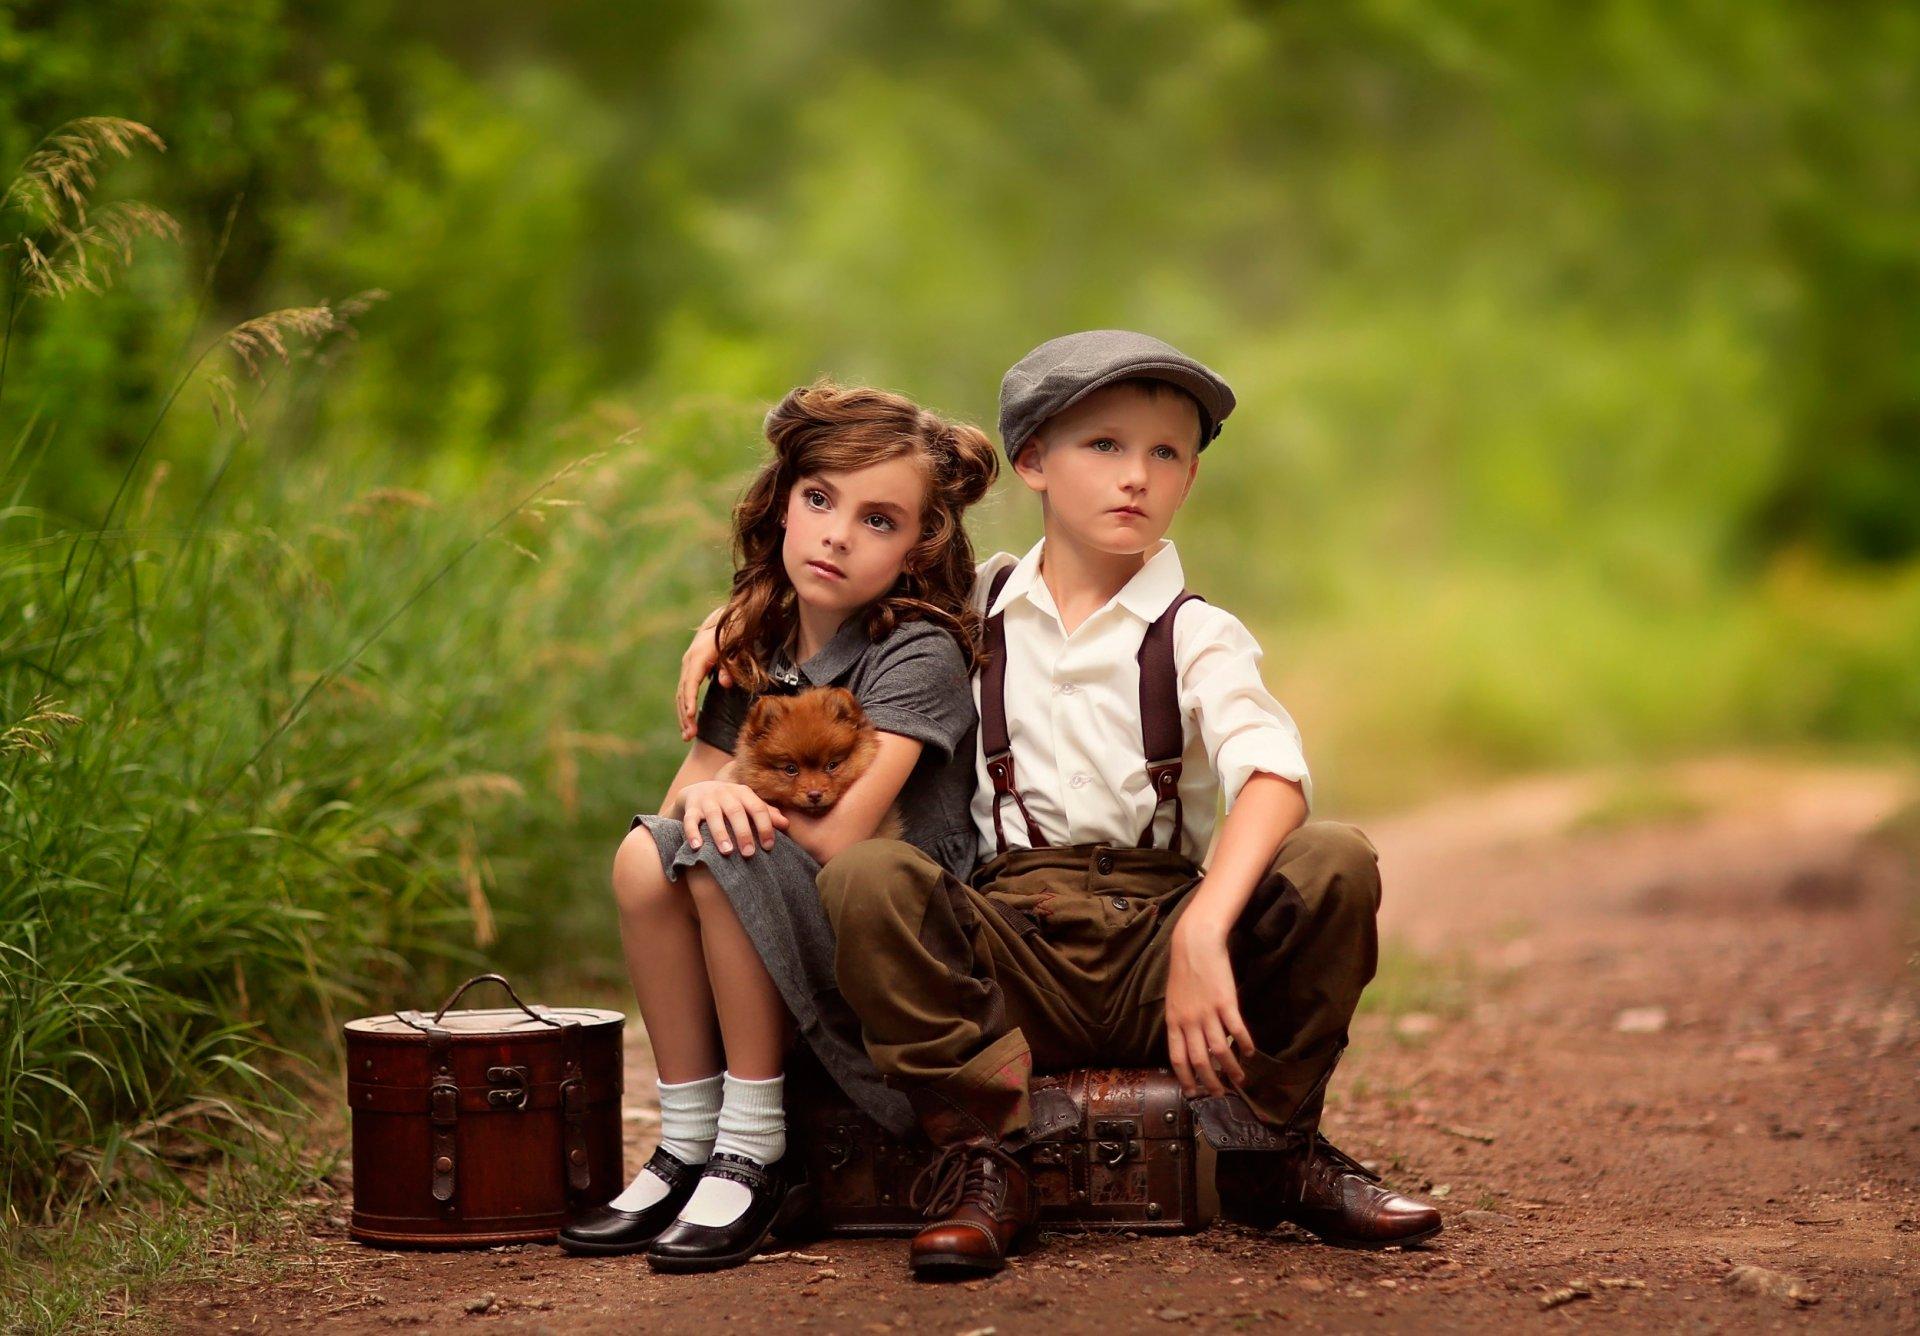 Мальчик с девочкой картинки высокого качества